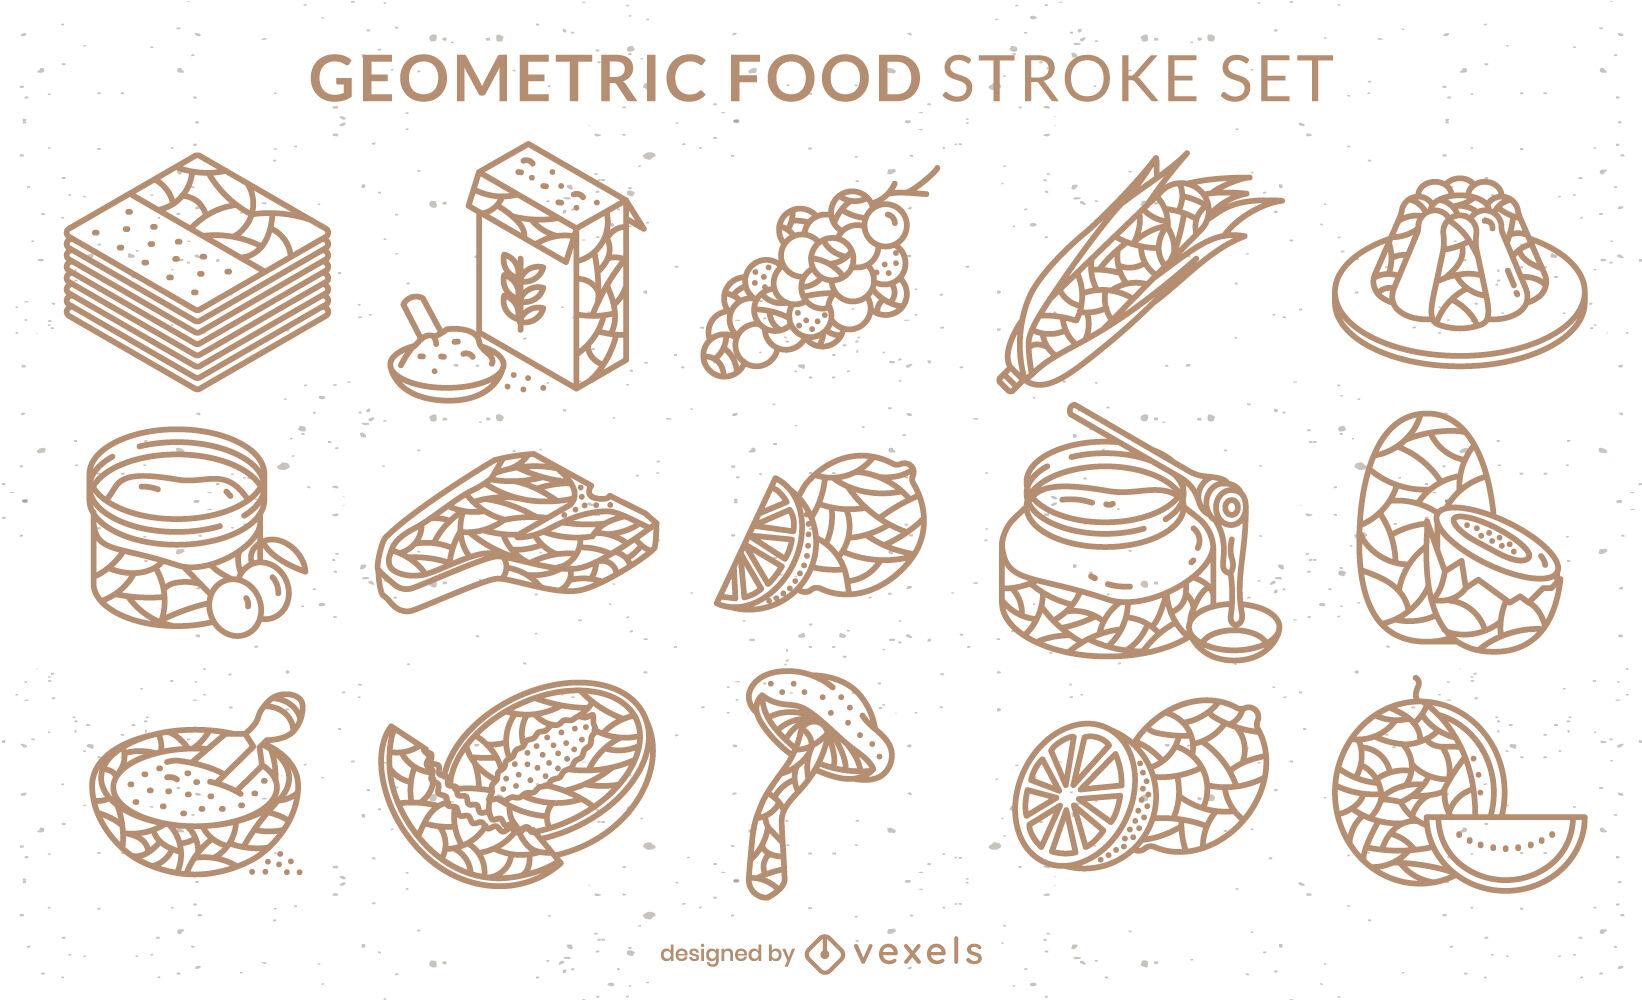 Food ingredients geometric stroke set